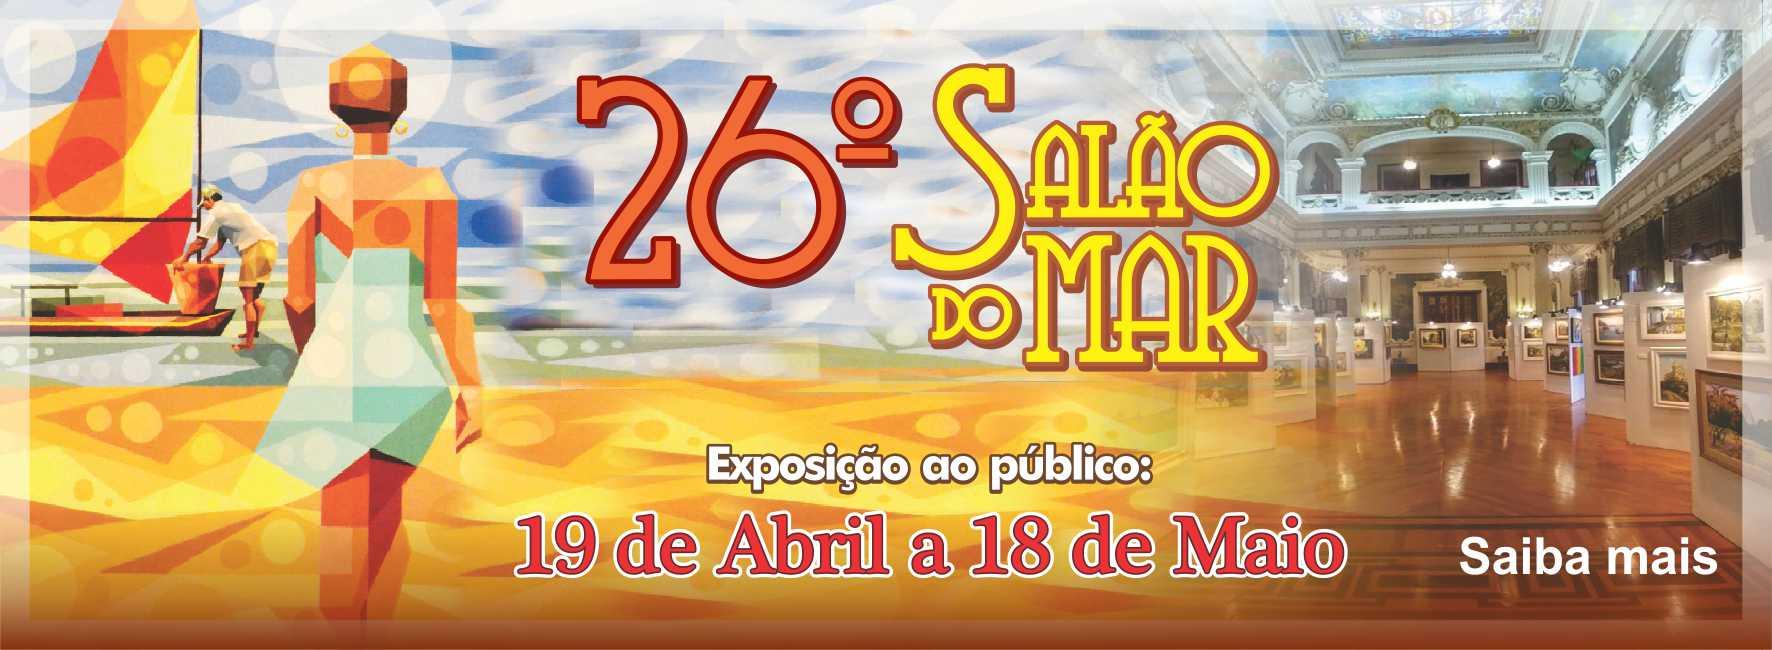 https://www.clubenaval.org.br/novo/26%C2%BA-sal%C3%A3o-do-mar-1